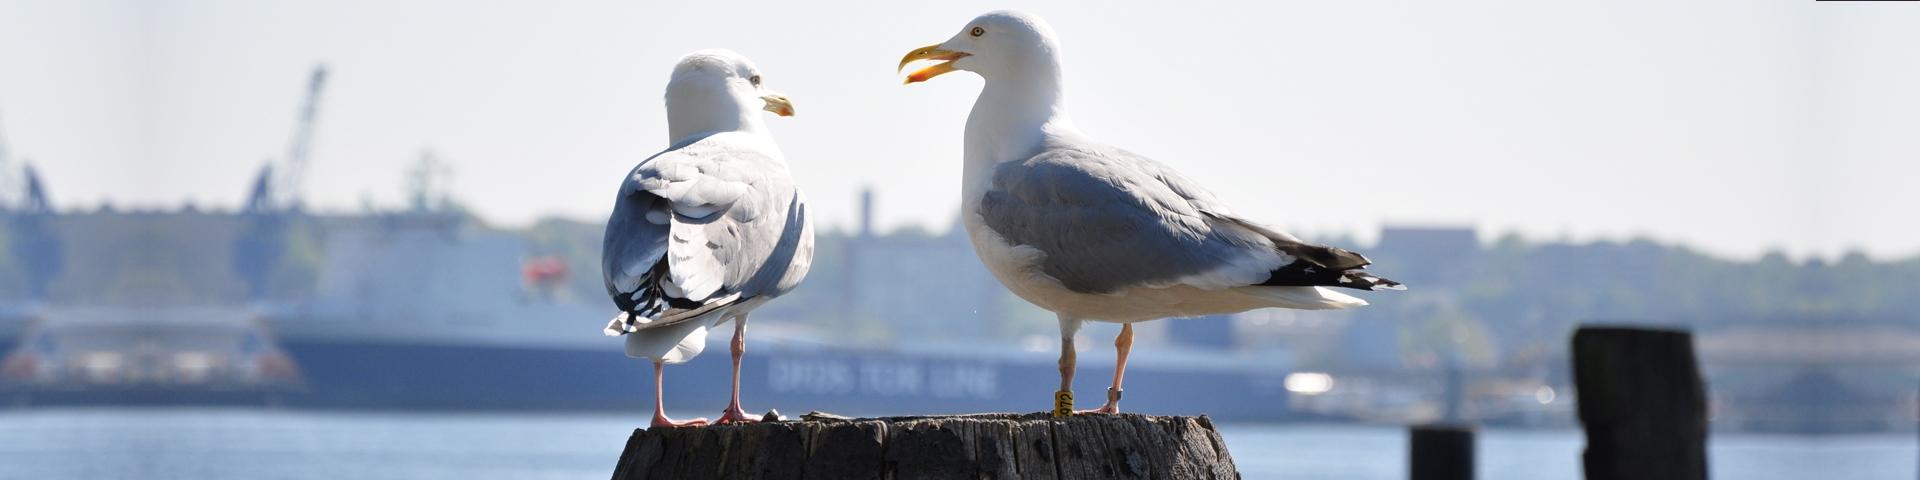 To måger i solskinsvejr ved havn